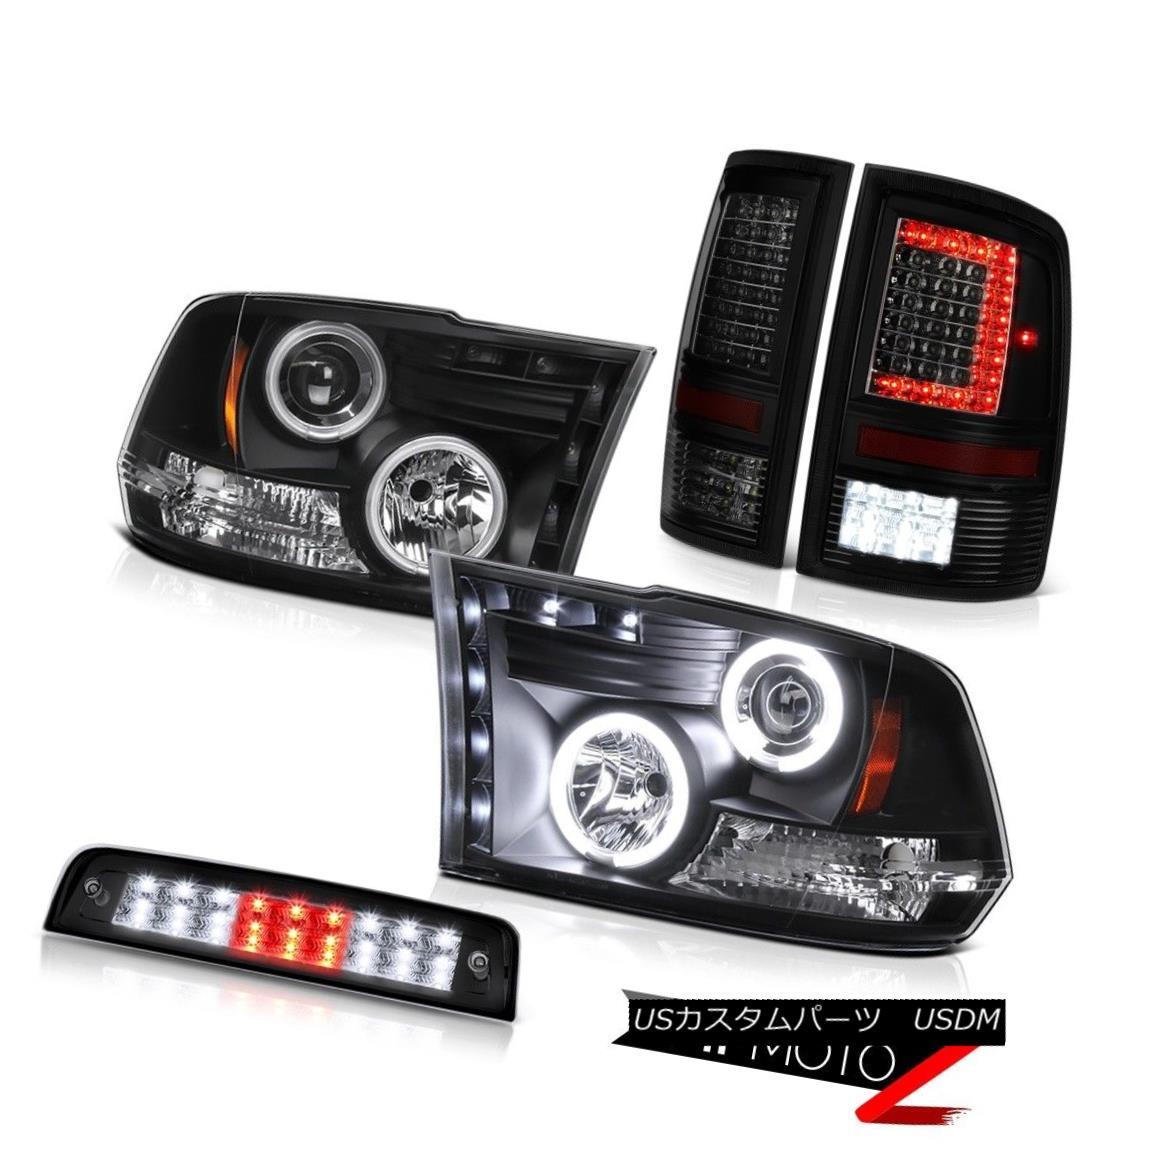 ヘッドライト 10 11 12 13-18 Dodge RAM 1500 2500 3500 Brake Light Dark Tinted Tail Head Light 10 11 12 13-18ダッジRAM 1500 2500 3500ブレーキライトダークティンテッドテールヘッドライト